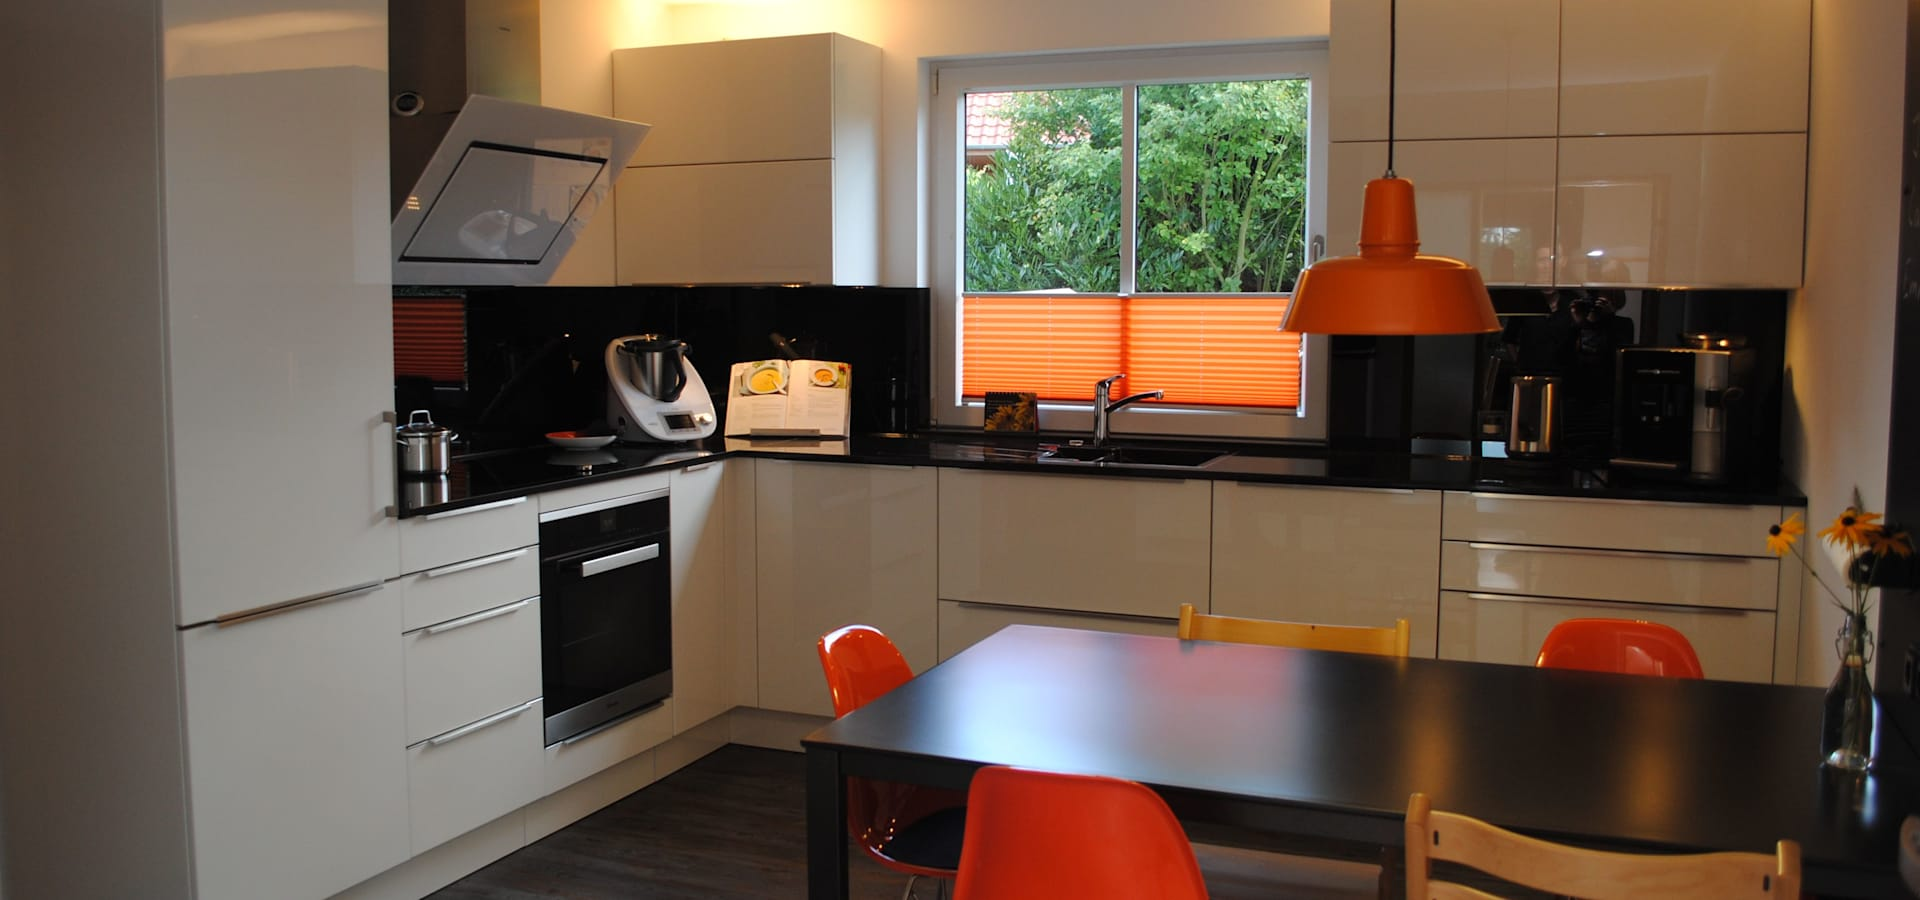 familienk che von sandra schauer raum design homify. Black Bedroom Furniture Sets. Home Design Ideas